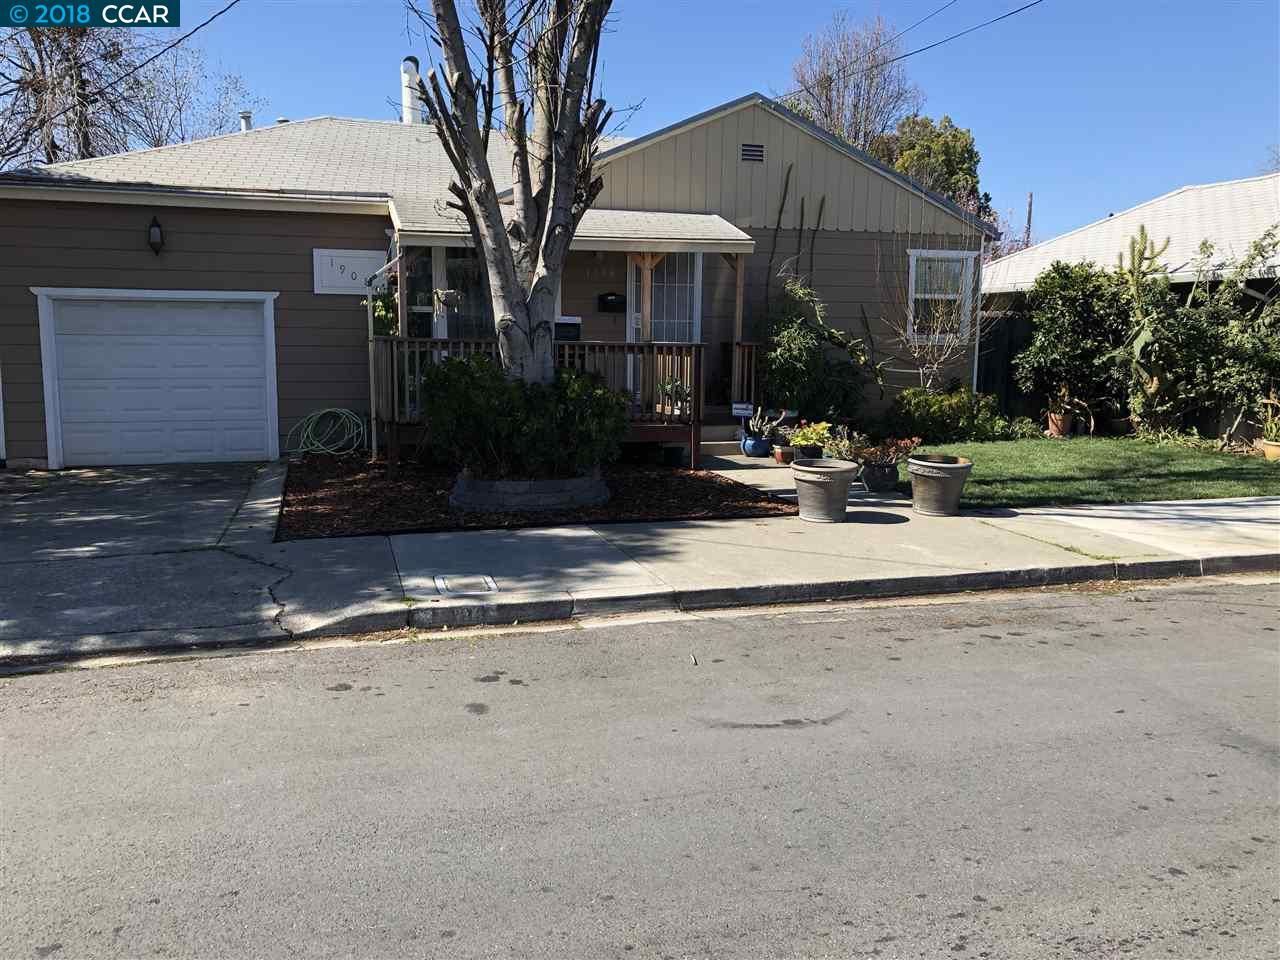 獨棟家庭住宅 為 出售 在 1908 Evergreen Avenue 1908 Evergreen Avenue Antioch, 加利福尼亞州 94509 美國